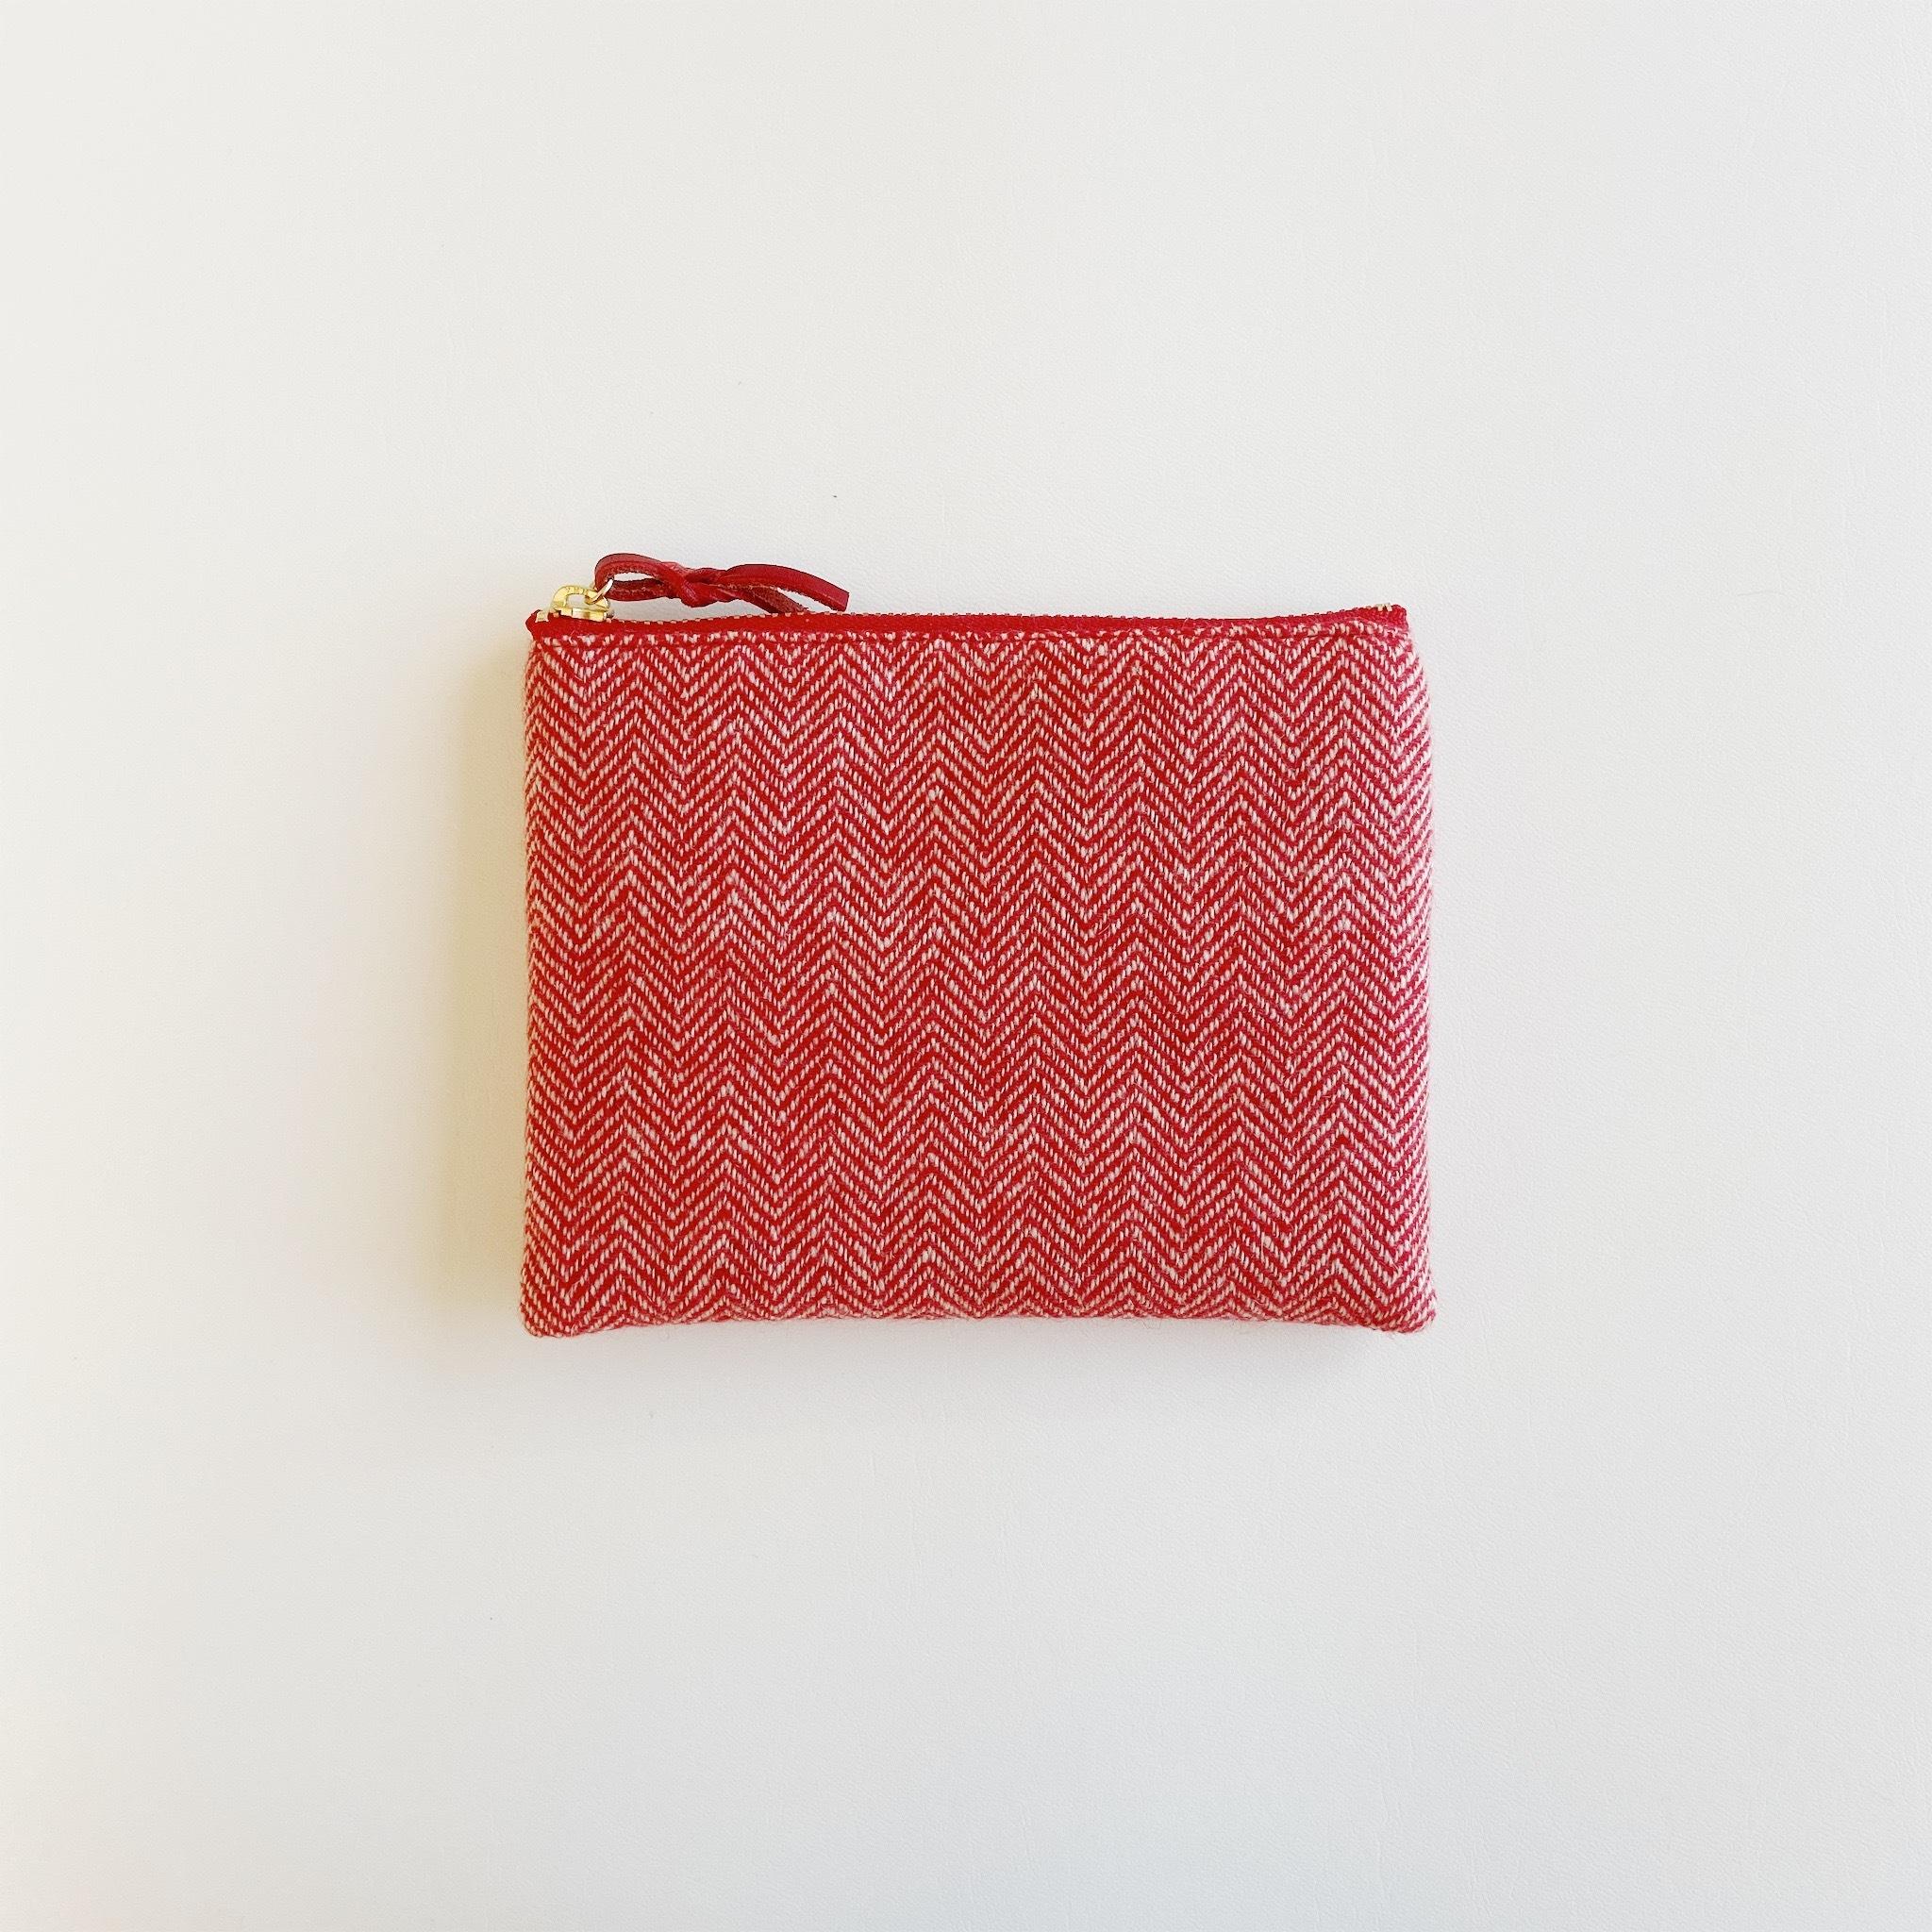 手織りミニポーチ(Accessory case Cashmere red herringbone)